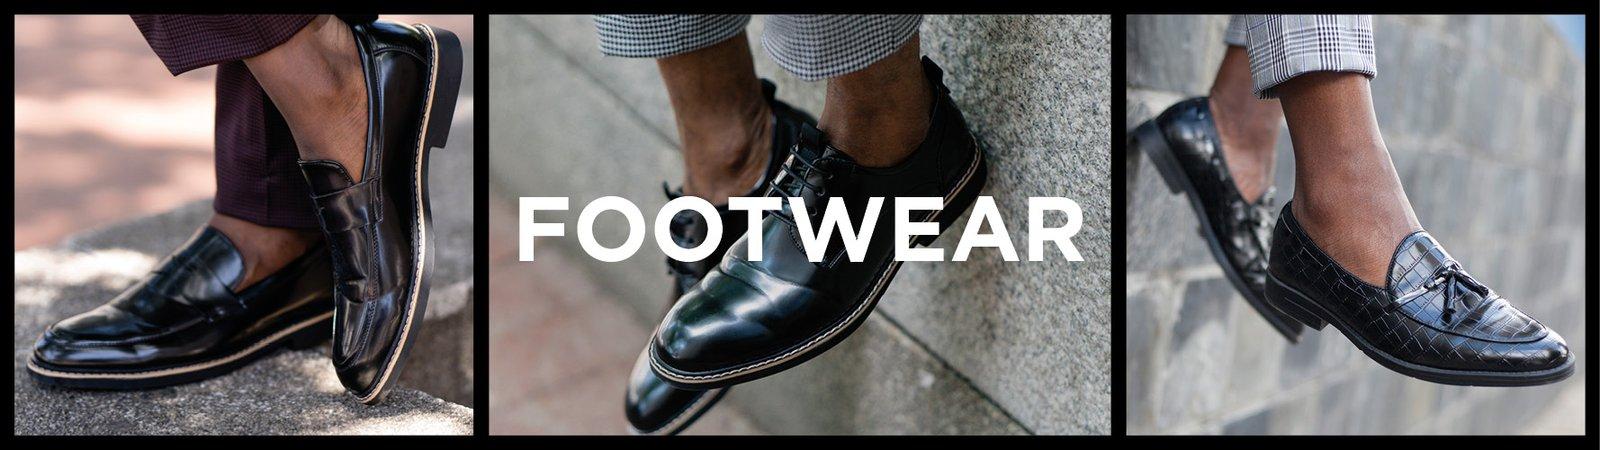 7a17b2d86805 Mens Shoes